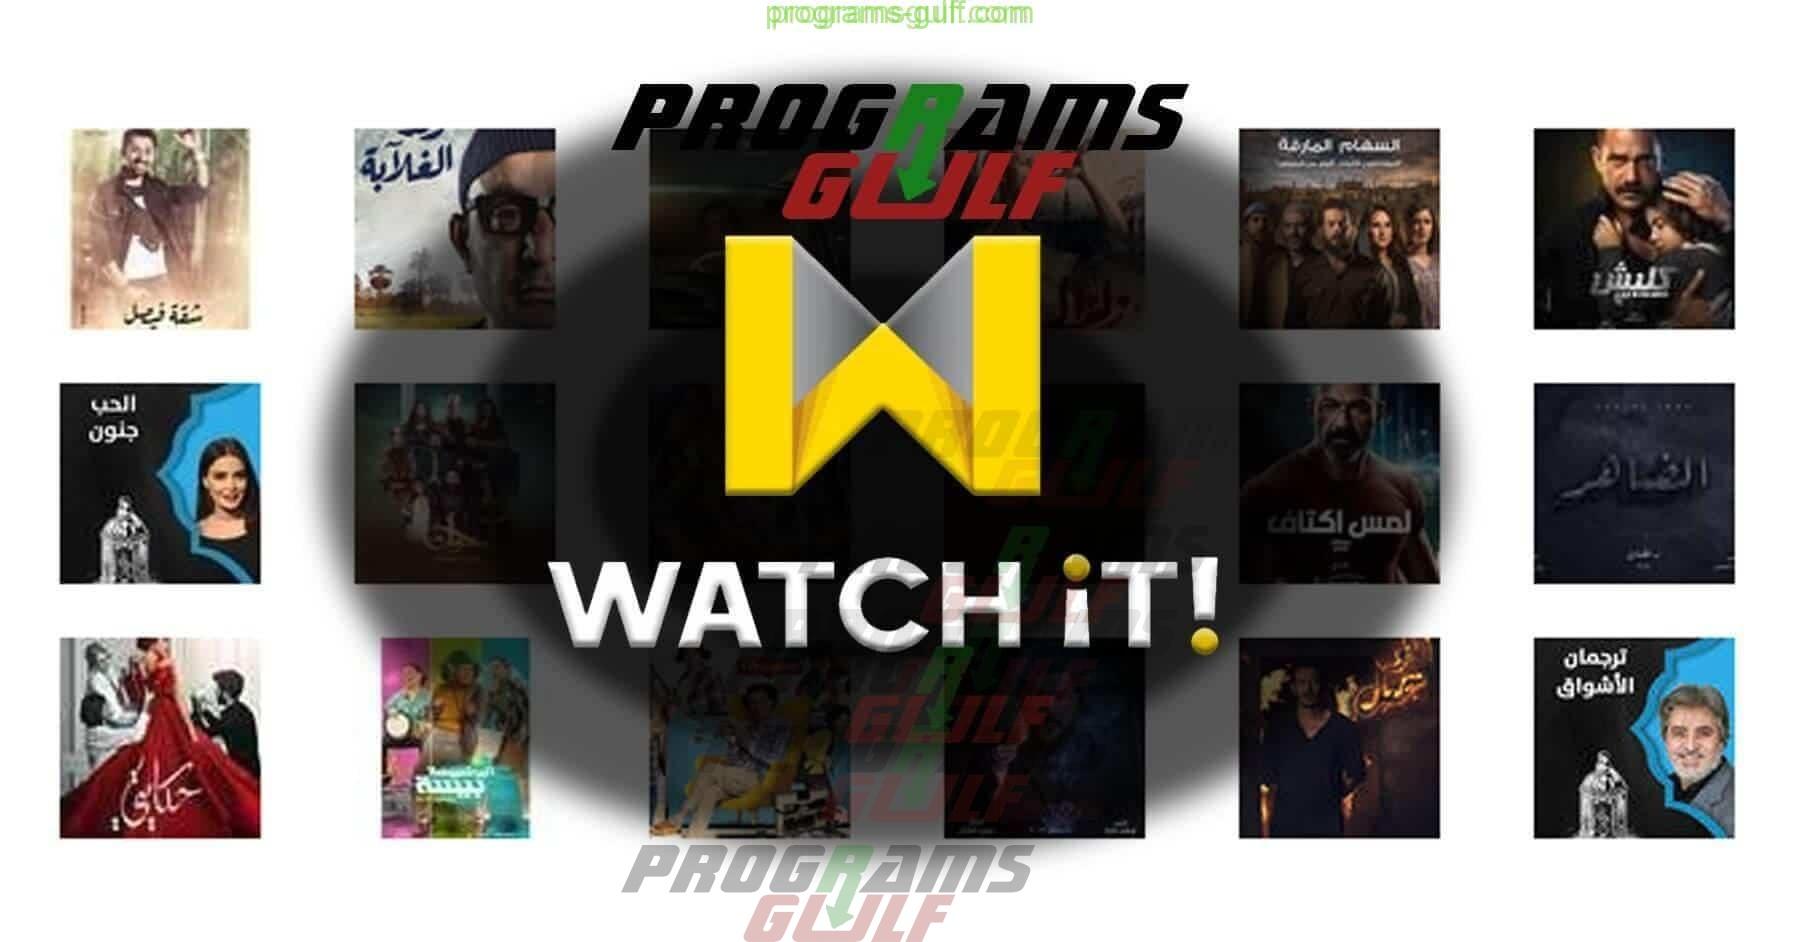 تحميل تطبيق Watch It مجانا لمشاهدة المسلسلات